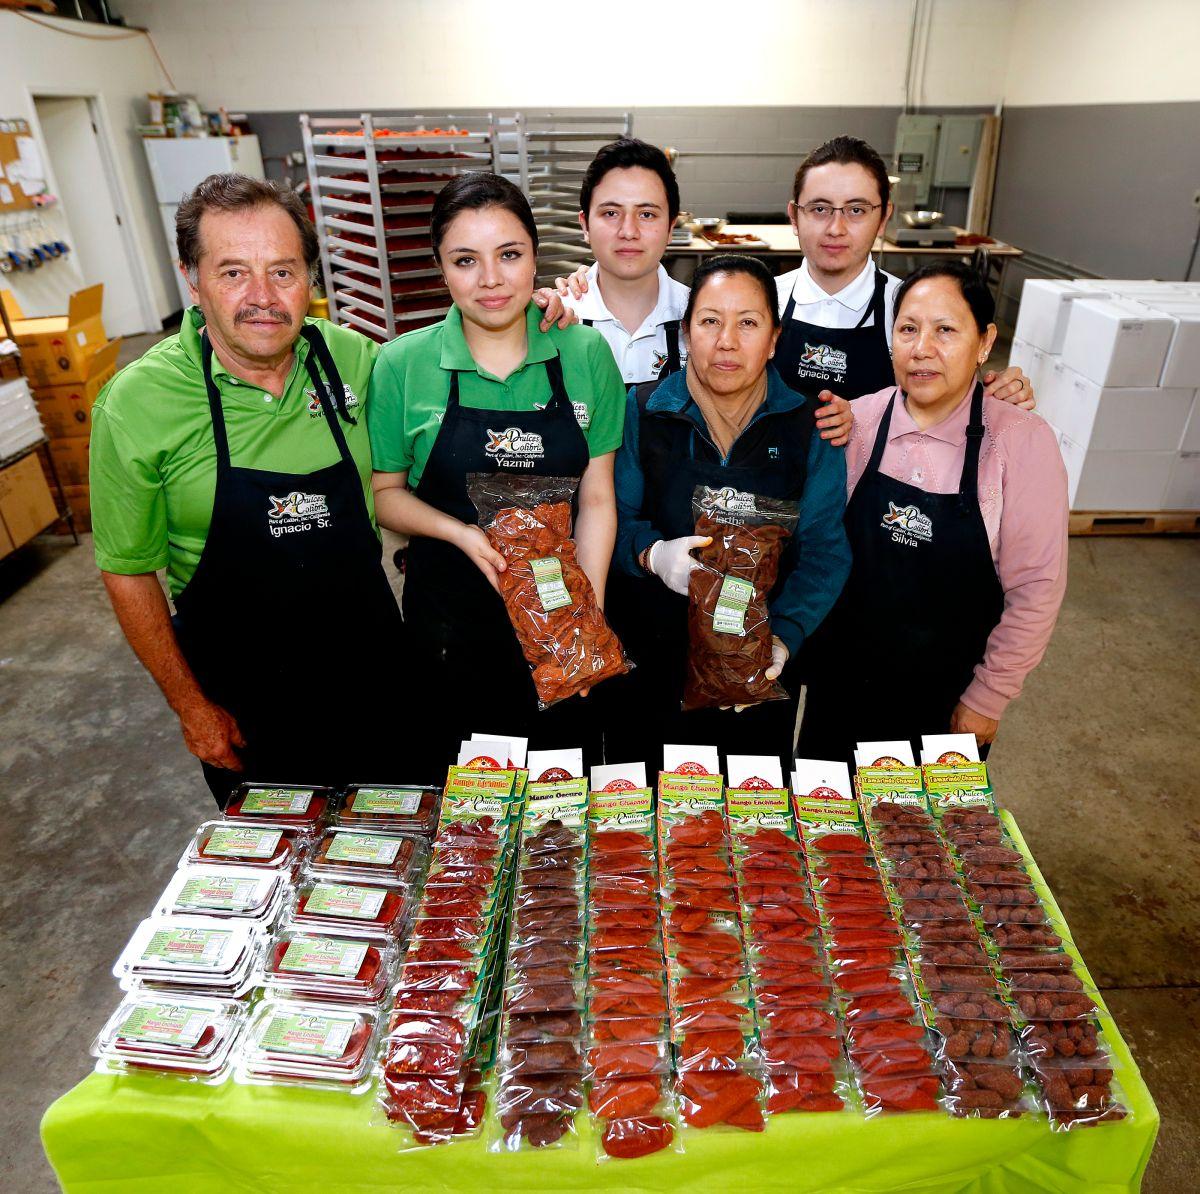 La familia Viramontes, en la imagen en su fábrica de Gardena, es dueña de Dulces Colibrí, un negocio de elaboración de dulces mexicanos.